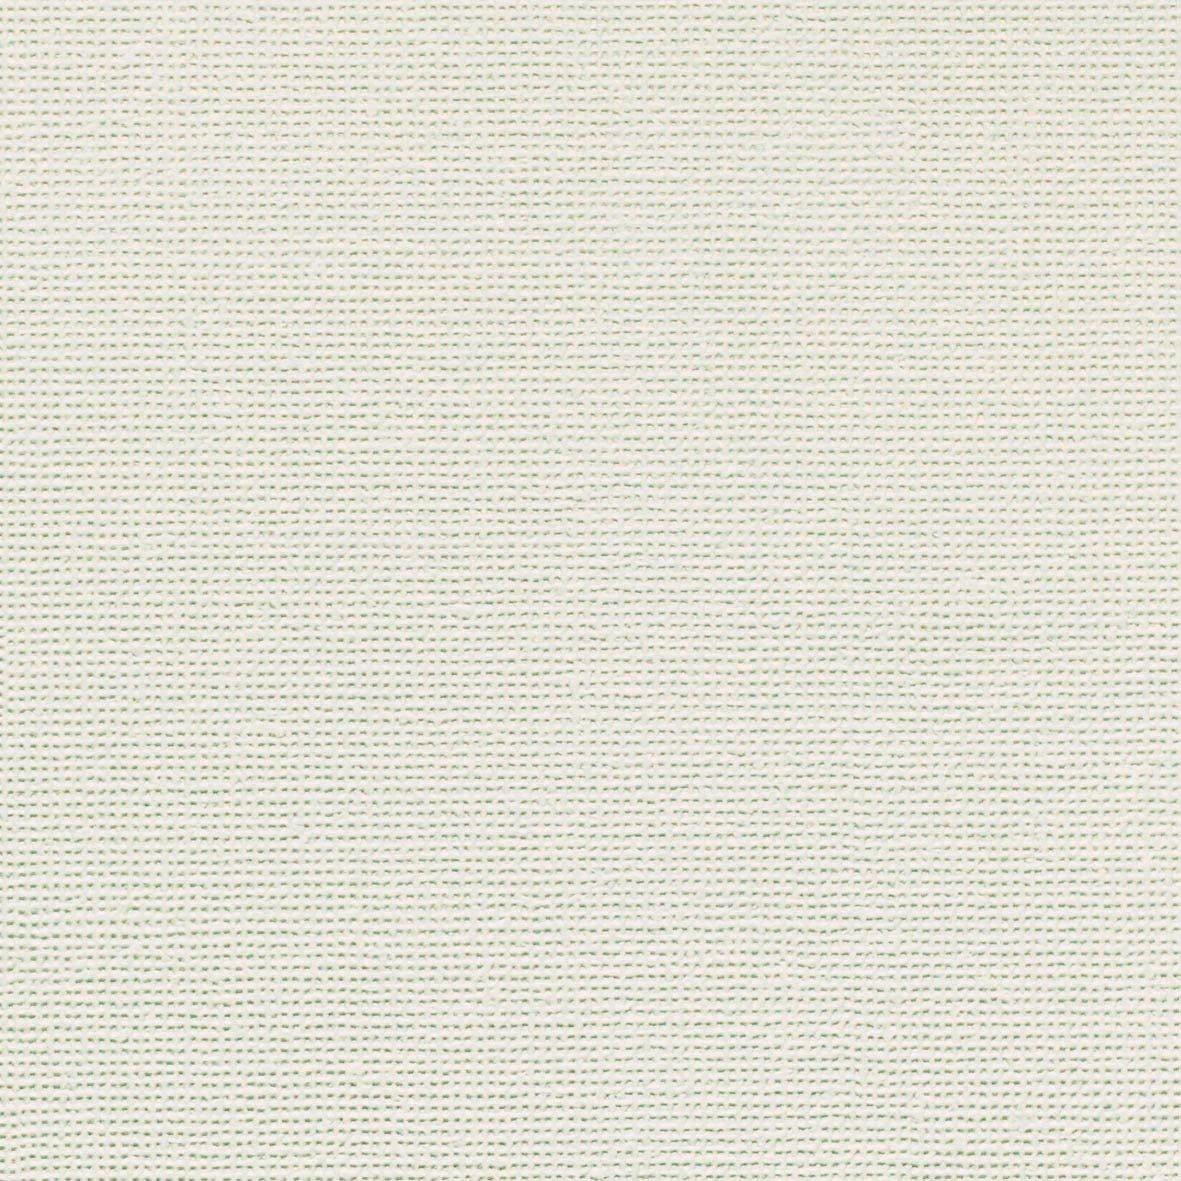 リリカラ 壁紙41m シンフル 織物調 グレー 撥水トップコートComfort Selection-Basic & Color- LW-2260 B07611C5JZ 41m|グレー2